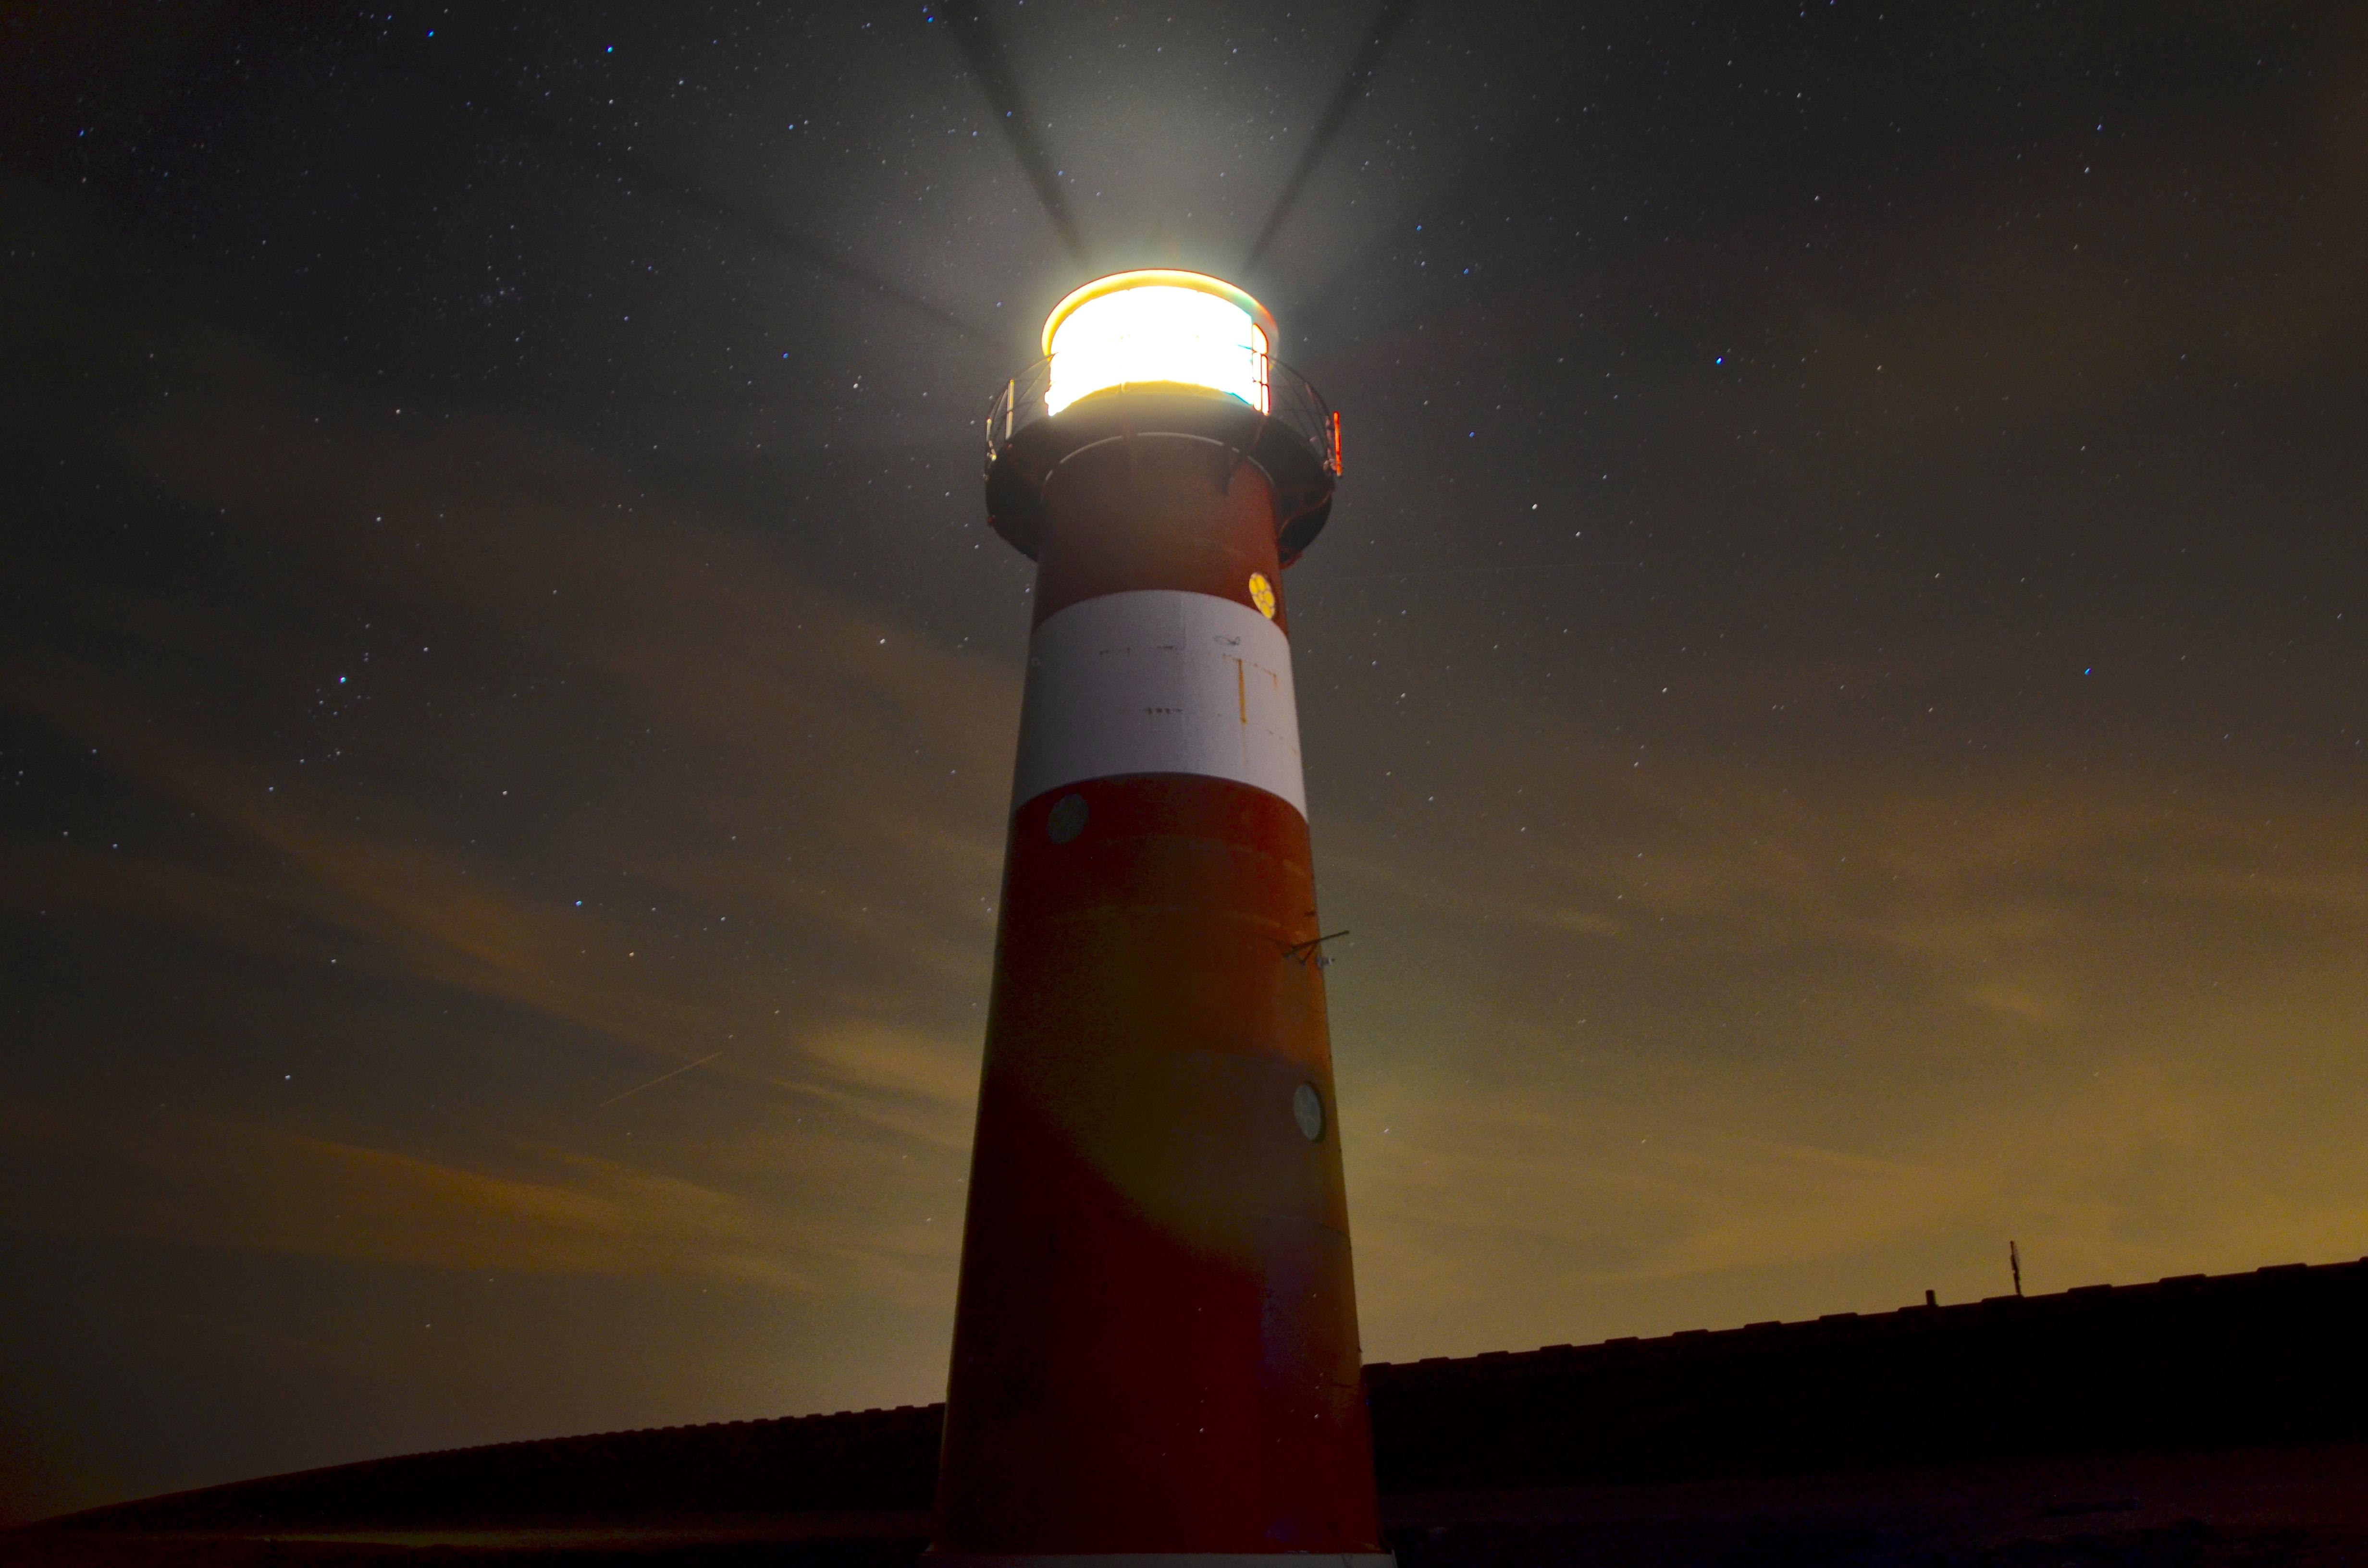 Цель - это маяк.